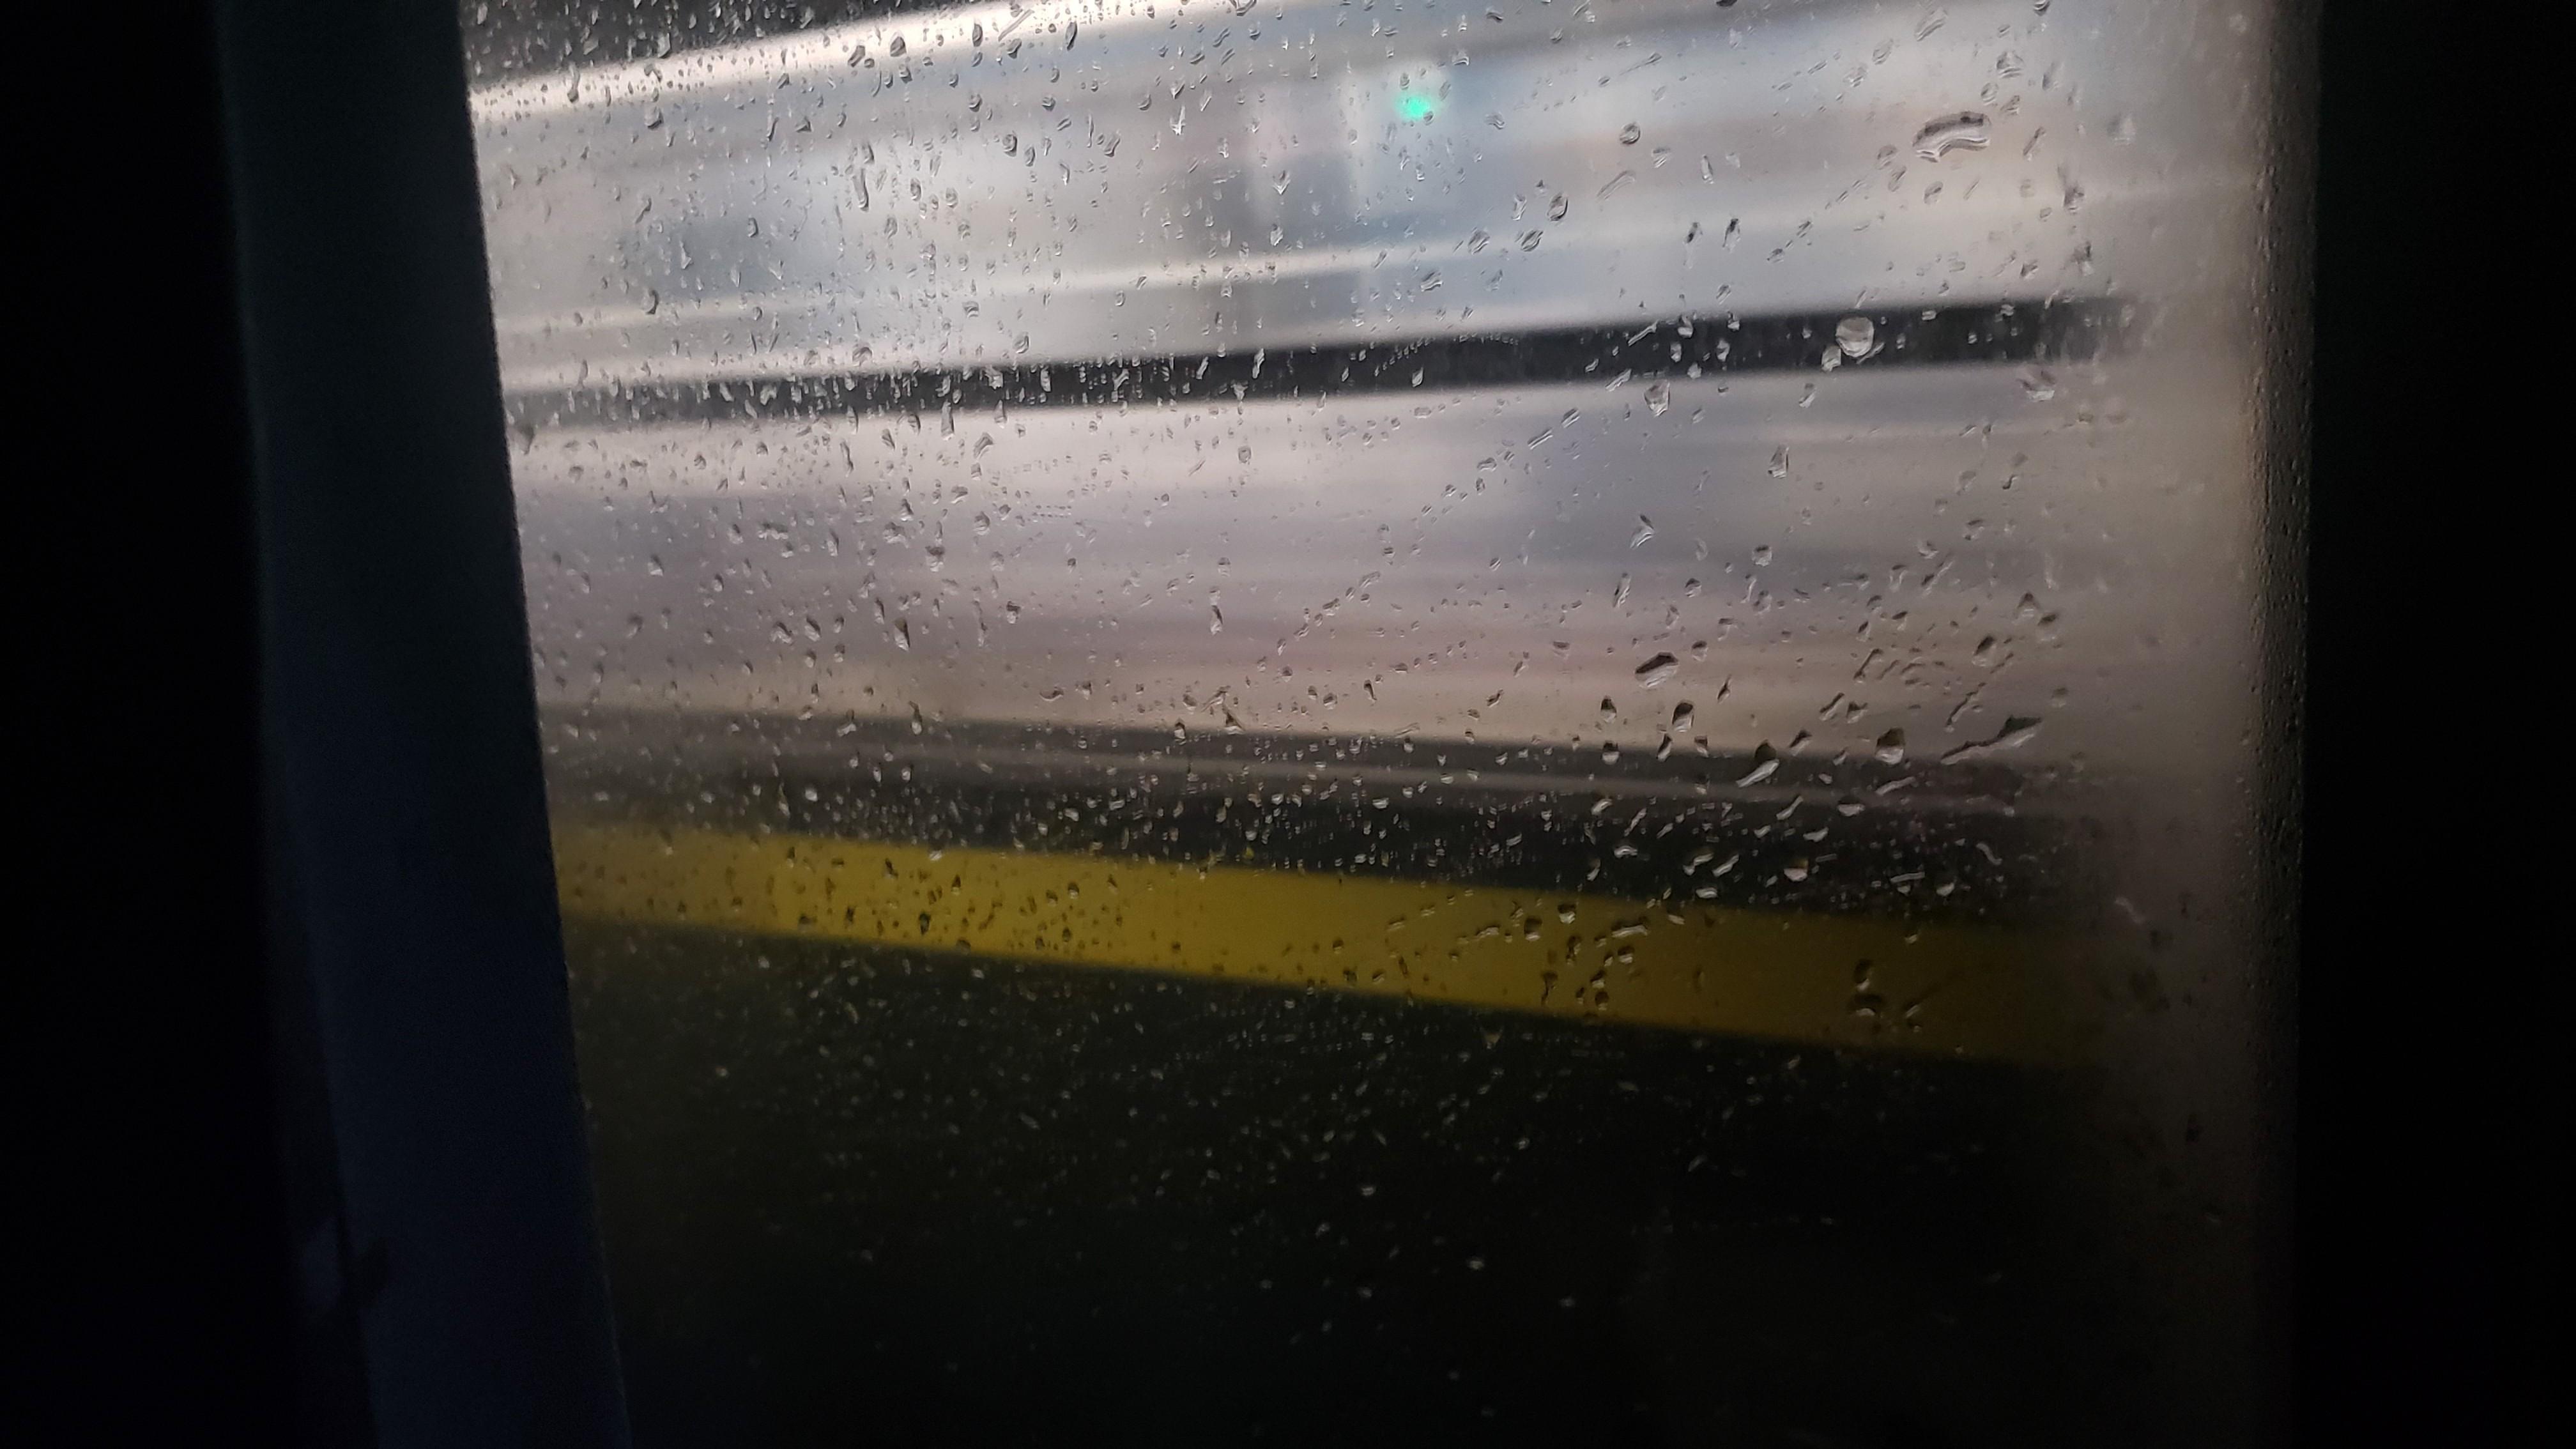 车窗外经过的另一趟列车,开往相反方向